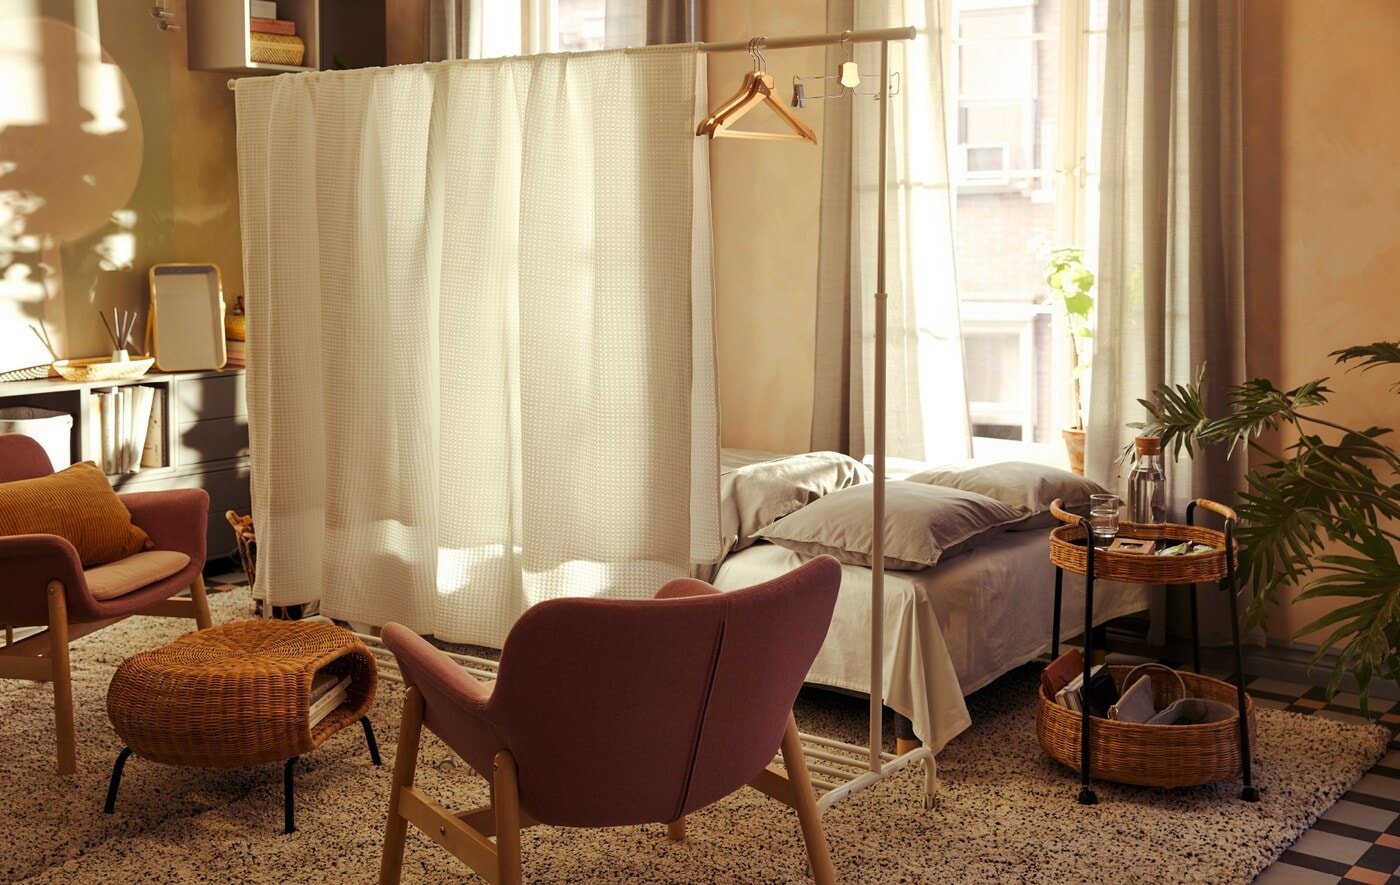 Obyvací pokoj s postelí a stojanem na oblečení RIGGA využitým jako dělicí příčka